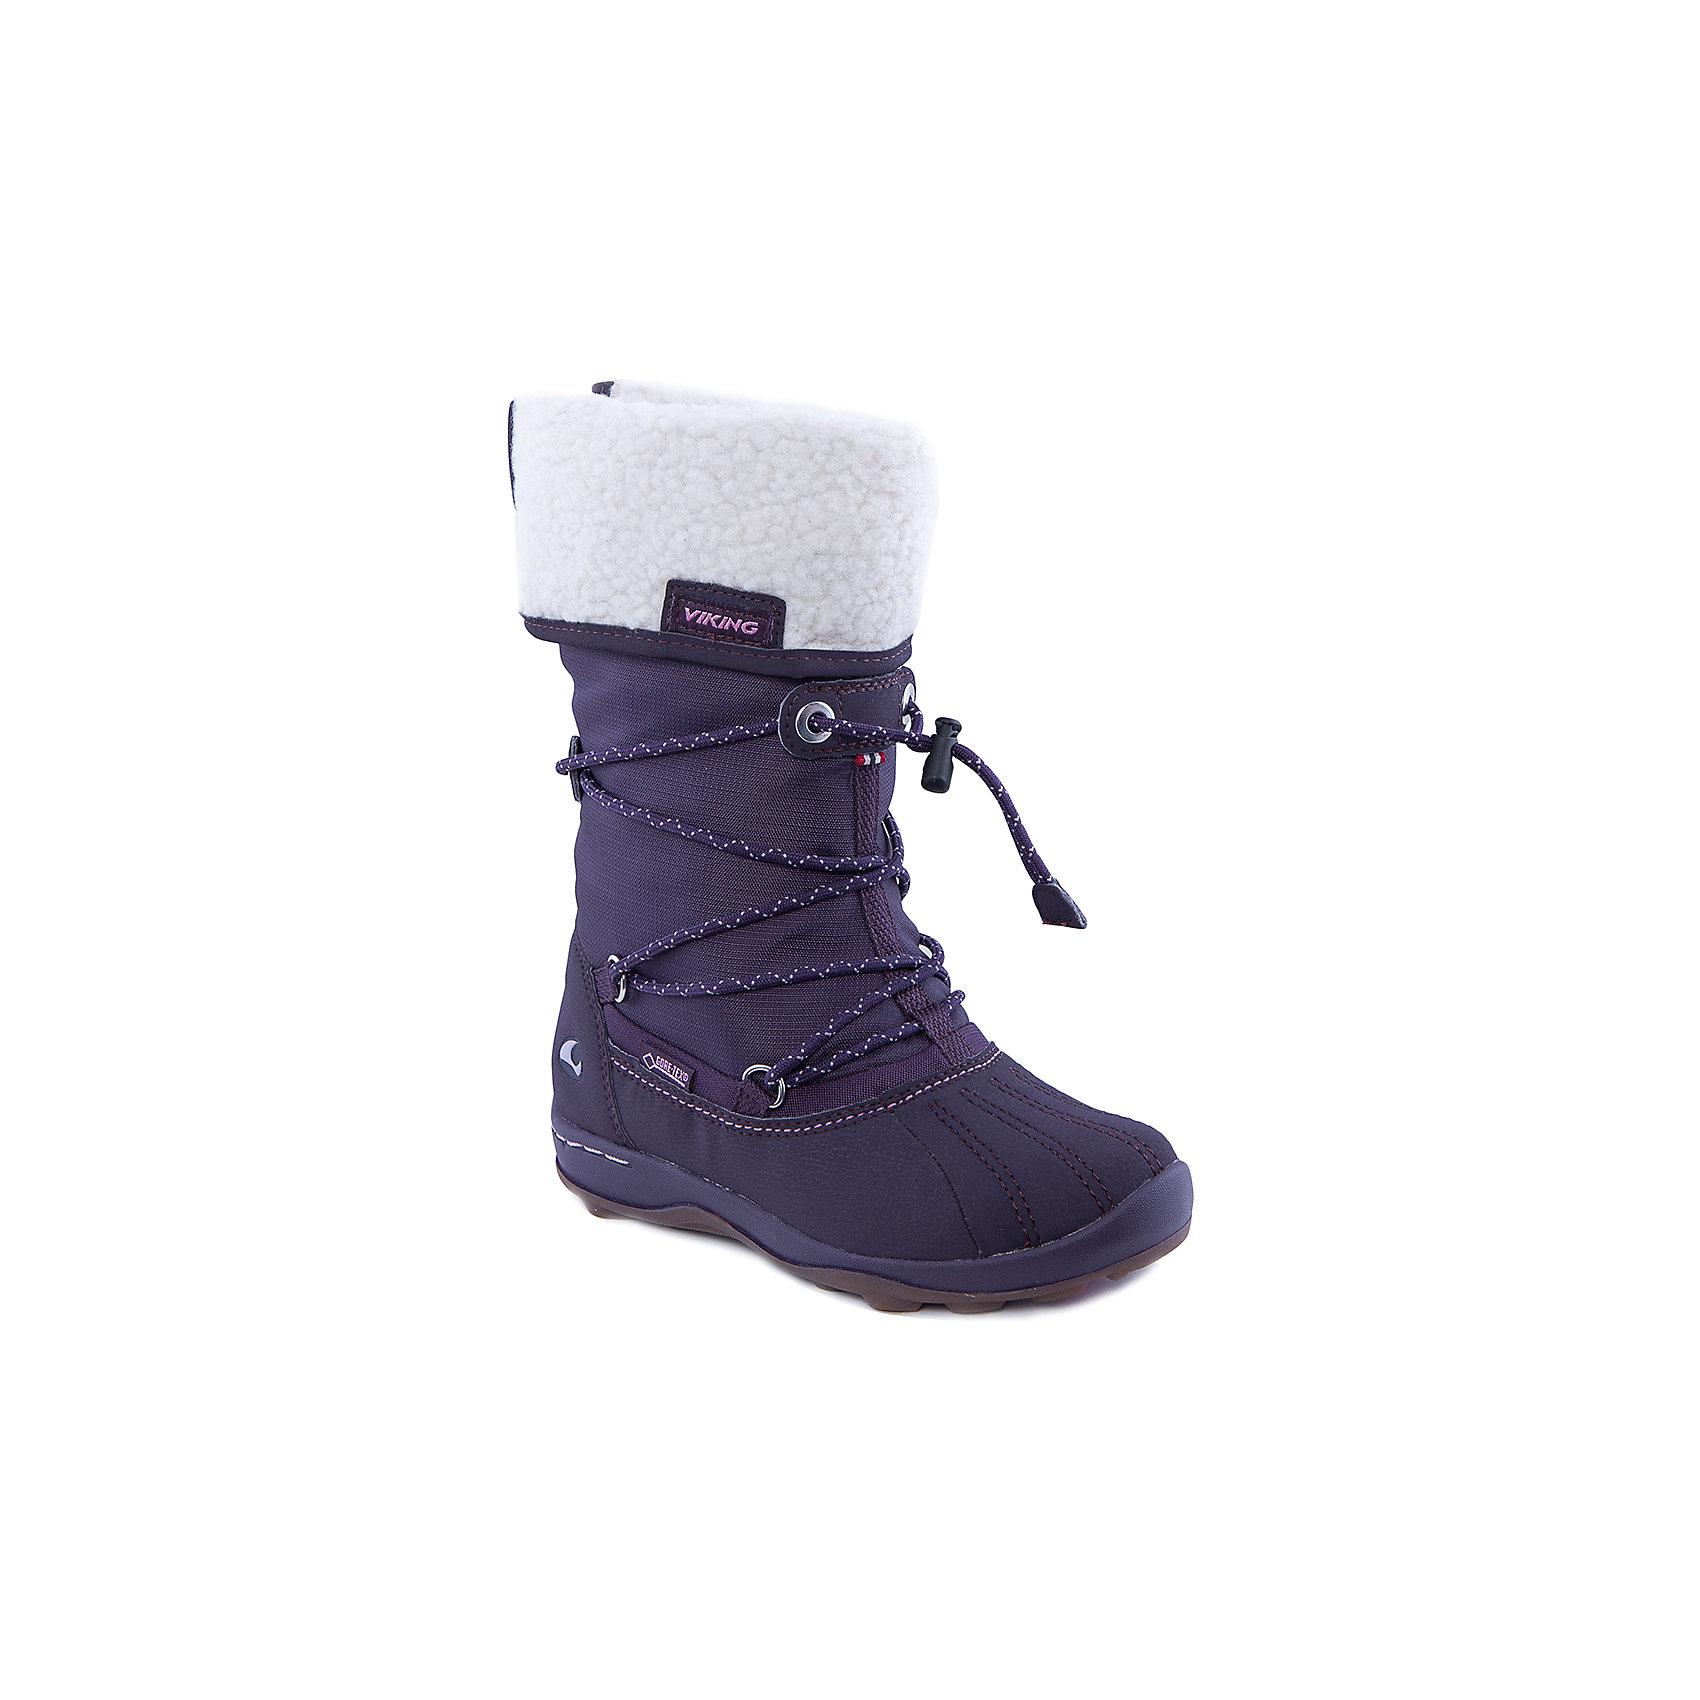 Сапоги для девочки VIKINGСапоги для девочки от популярной марки VIKING <br><br>Модные зимние сапоги сделаны по уникальной технологии. <br>Производитель обуви VIKING разработал специальную  высокотехнологичную мембрану GORE-TEX. Она добавляется в подкладку обуви и позволяют ногам оставаться сухими и теплыми. Мембрана активно отводит влагу наружу, и не дает жидкости проникать внутрь. Мембрана GORE-TEX не создает препятствий для воздуха, обеспечивая комфортные условия для детских ножек.<br><br>Отличительные особенности модели:<br><br>- цвет: фиолетовый;<br>- гибкая нескользящая подошва;<br>- утепленная стелька;<br>- отвороты из белого утепленного материала;<br>- усиленный носок и задник;<br>- эргономичная форма;<br>- мембрана GORE-TEX;<br>- специальная колодка для поддержания правильного положения стопы;<br>- удобный супинатор;<br>- застежка: эластичная шнуровка со стоппером.<br><br>Дополнительная информация:<br><br>- Температурный режим: от - 30° С  до -0° С.<br><br>- Состав:<br><br>материал верха: 60% текстиль, 20% искусственная кожа, 20% искусственный мех<br>материал подкладки: 80% шерсть, 20% полиэстер, мембрана GORE-TEX<br>подошва: резина<br><br>Сапоги для девочки VIKING (Викинг) можно купить в нашем магазине.<br><br>Ширина мм: 257<br>Глубина мм: 180<br>Высота мм: 130<br>Вес г: 420<br>Цвет: фиолетовый<br>Возраст от месяцев: 156<br>Возраст до месяцев: 168<br>Пол: Женский<br>Возраст: Детский<br>Размер: 37,31,35,34,33,32,30,36<br>SKU: 4279145